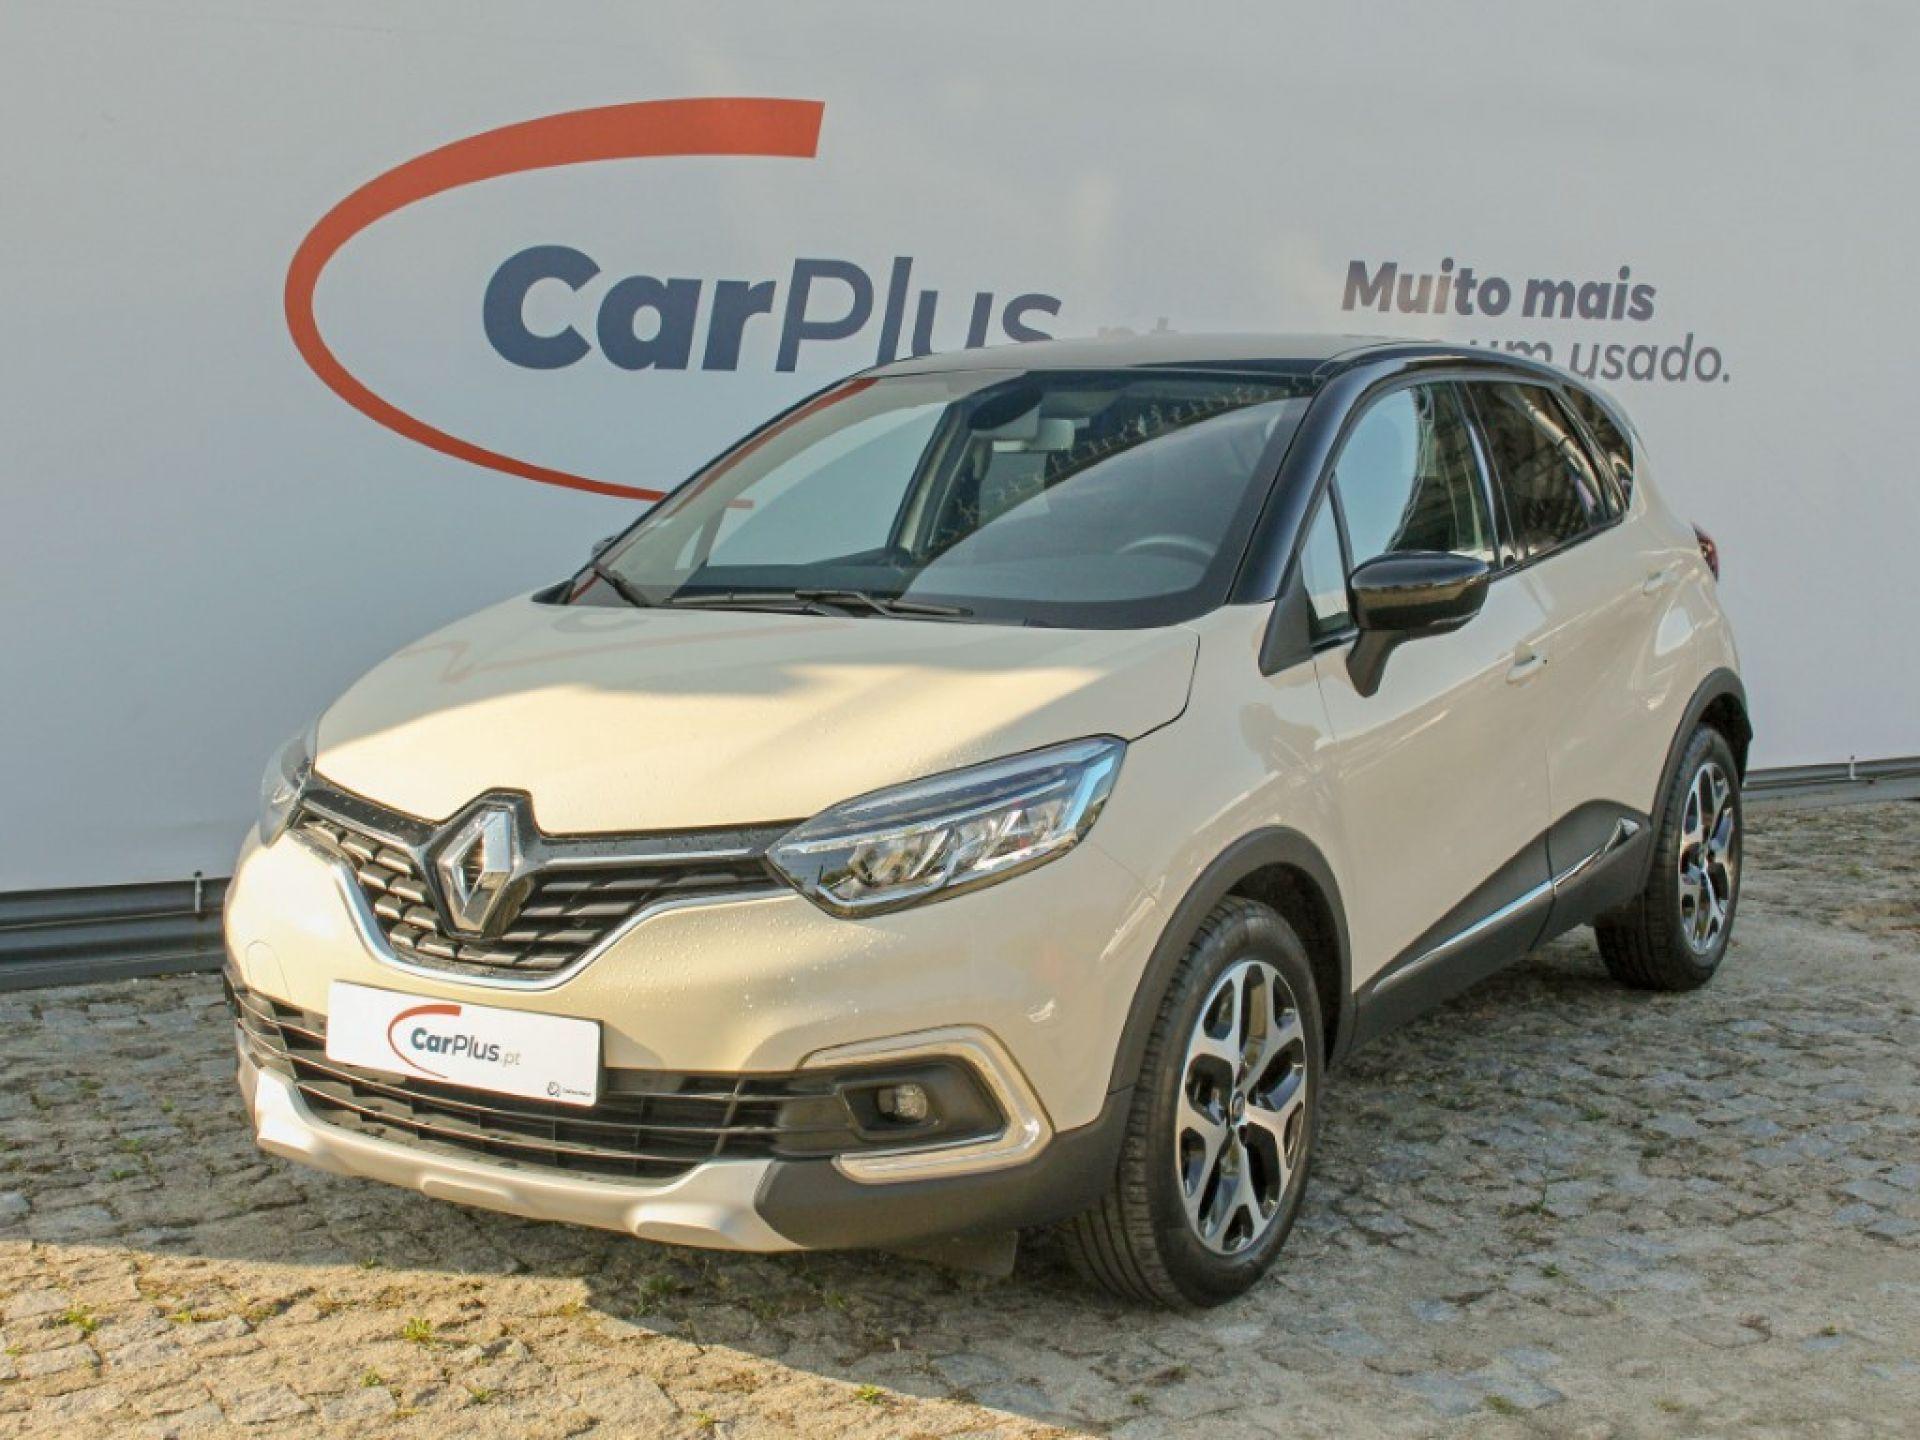 Renault Captur 0.9 TCe 90 Exclusive segunda mão Lisboa